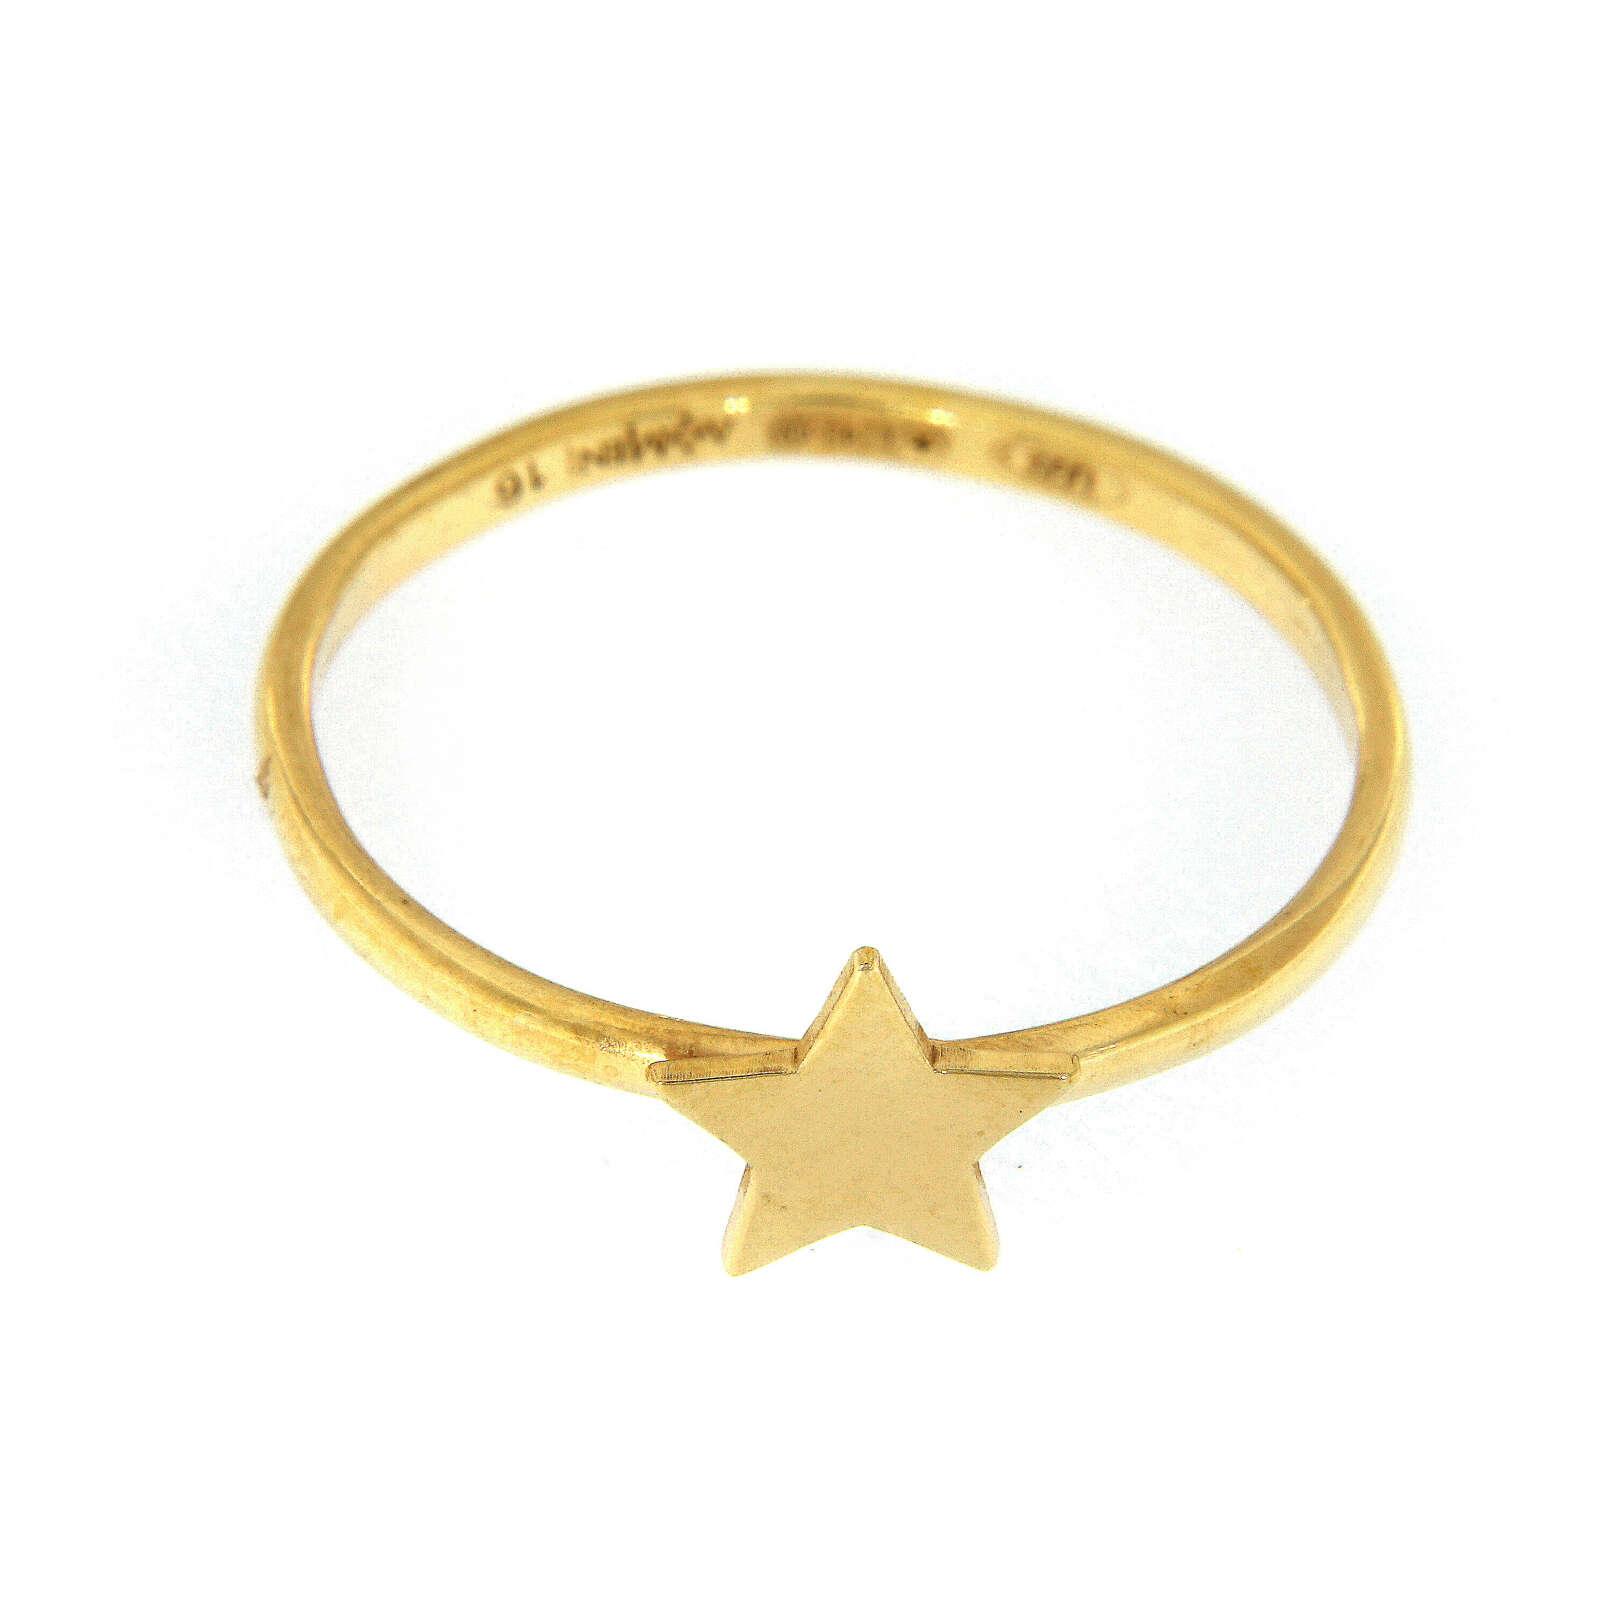 RING von AMEN, mit Stern, aus vergoldetem Silber 3